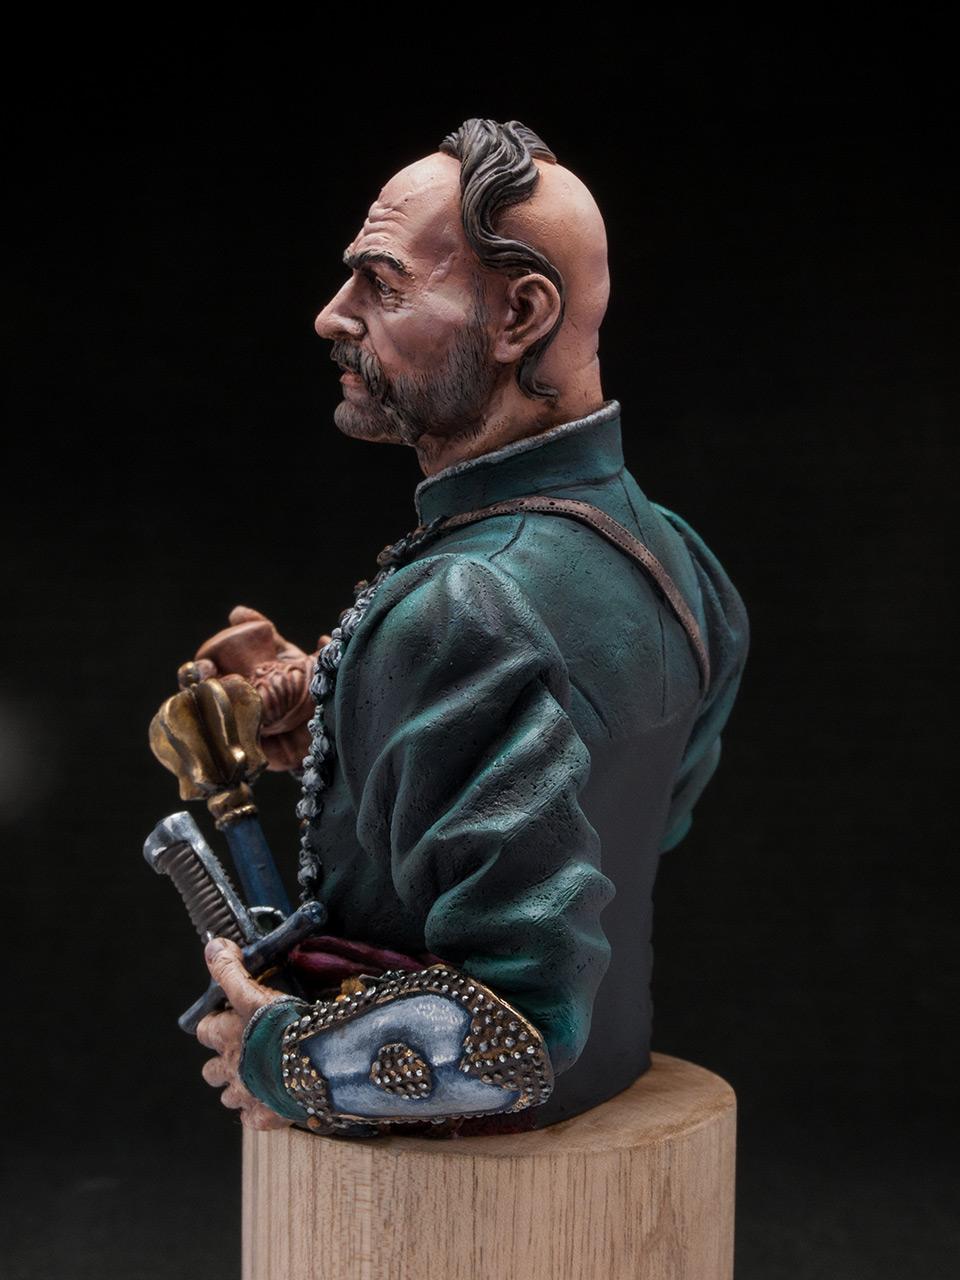 Figures: Ivan Sirko, photo #4